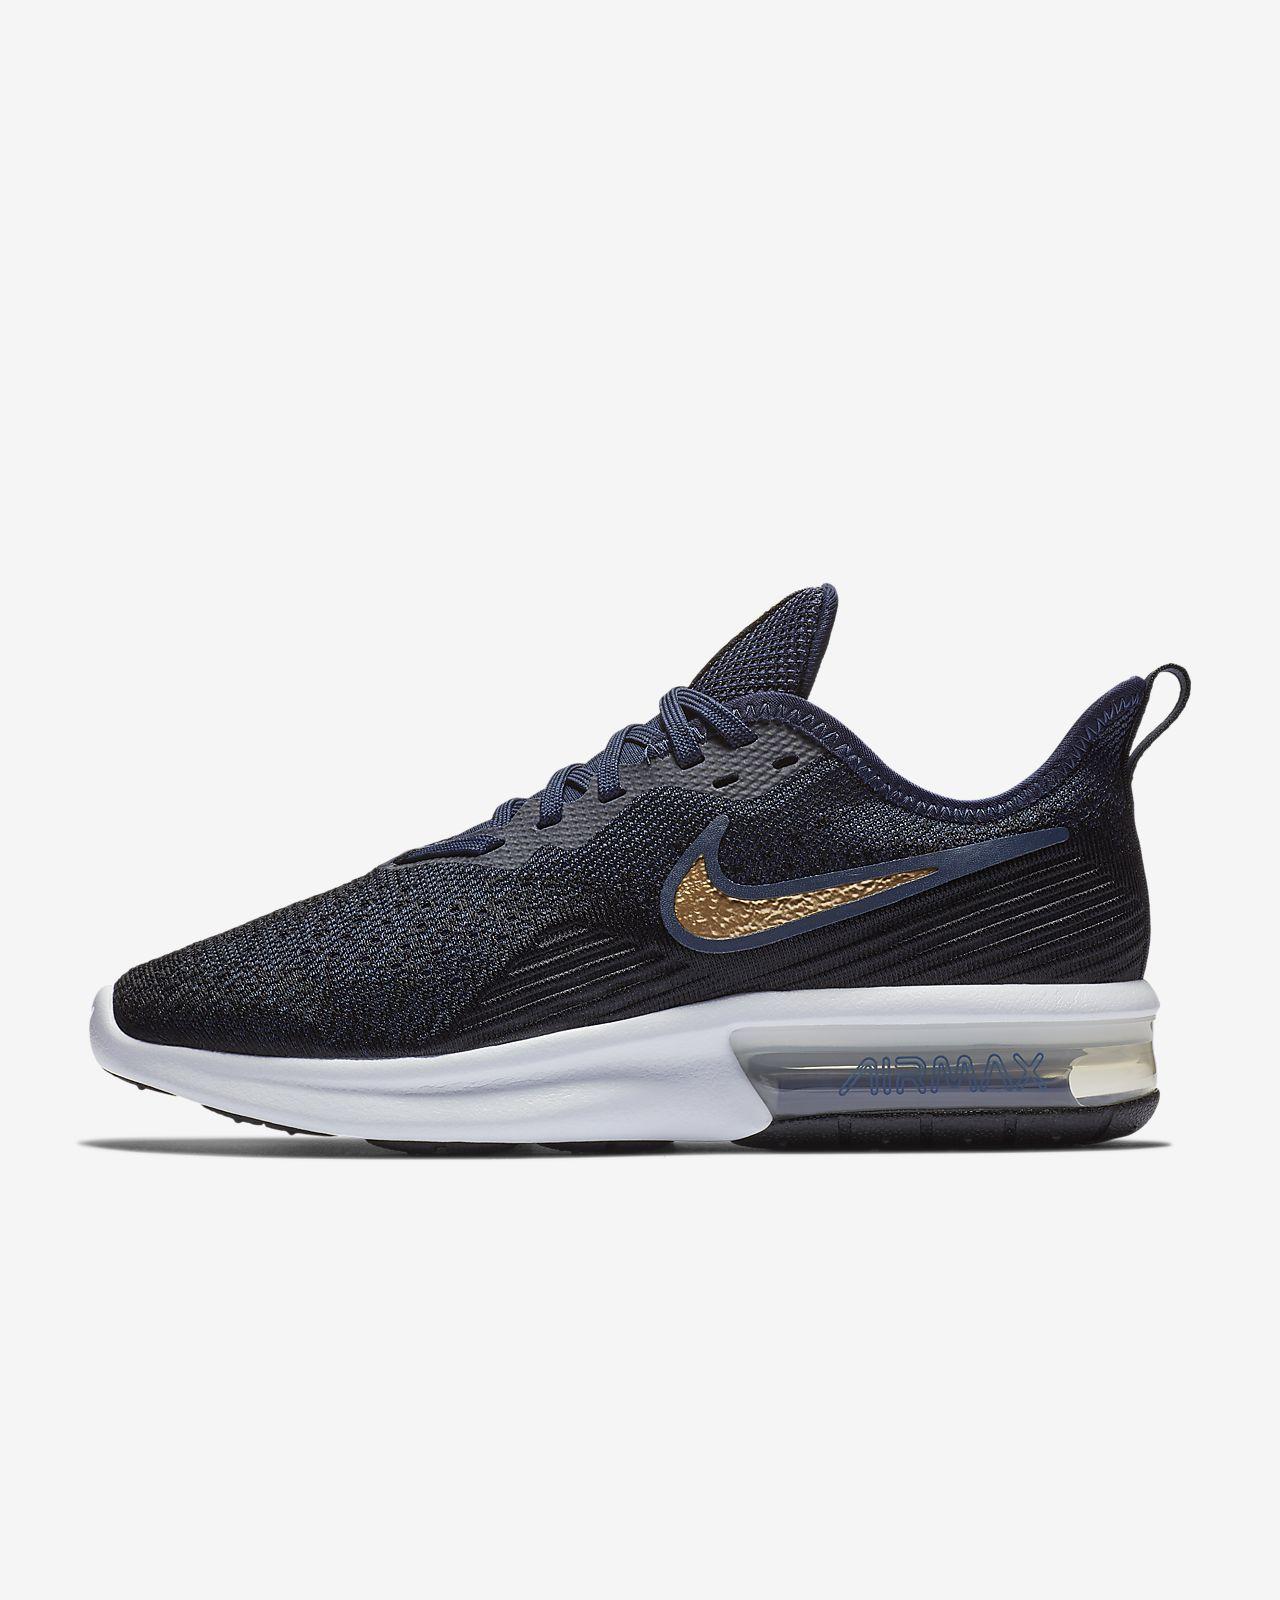 Γυναικείο παπούτσι Nike Air Max Sequent 4